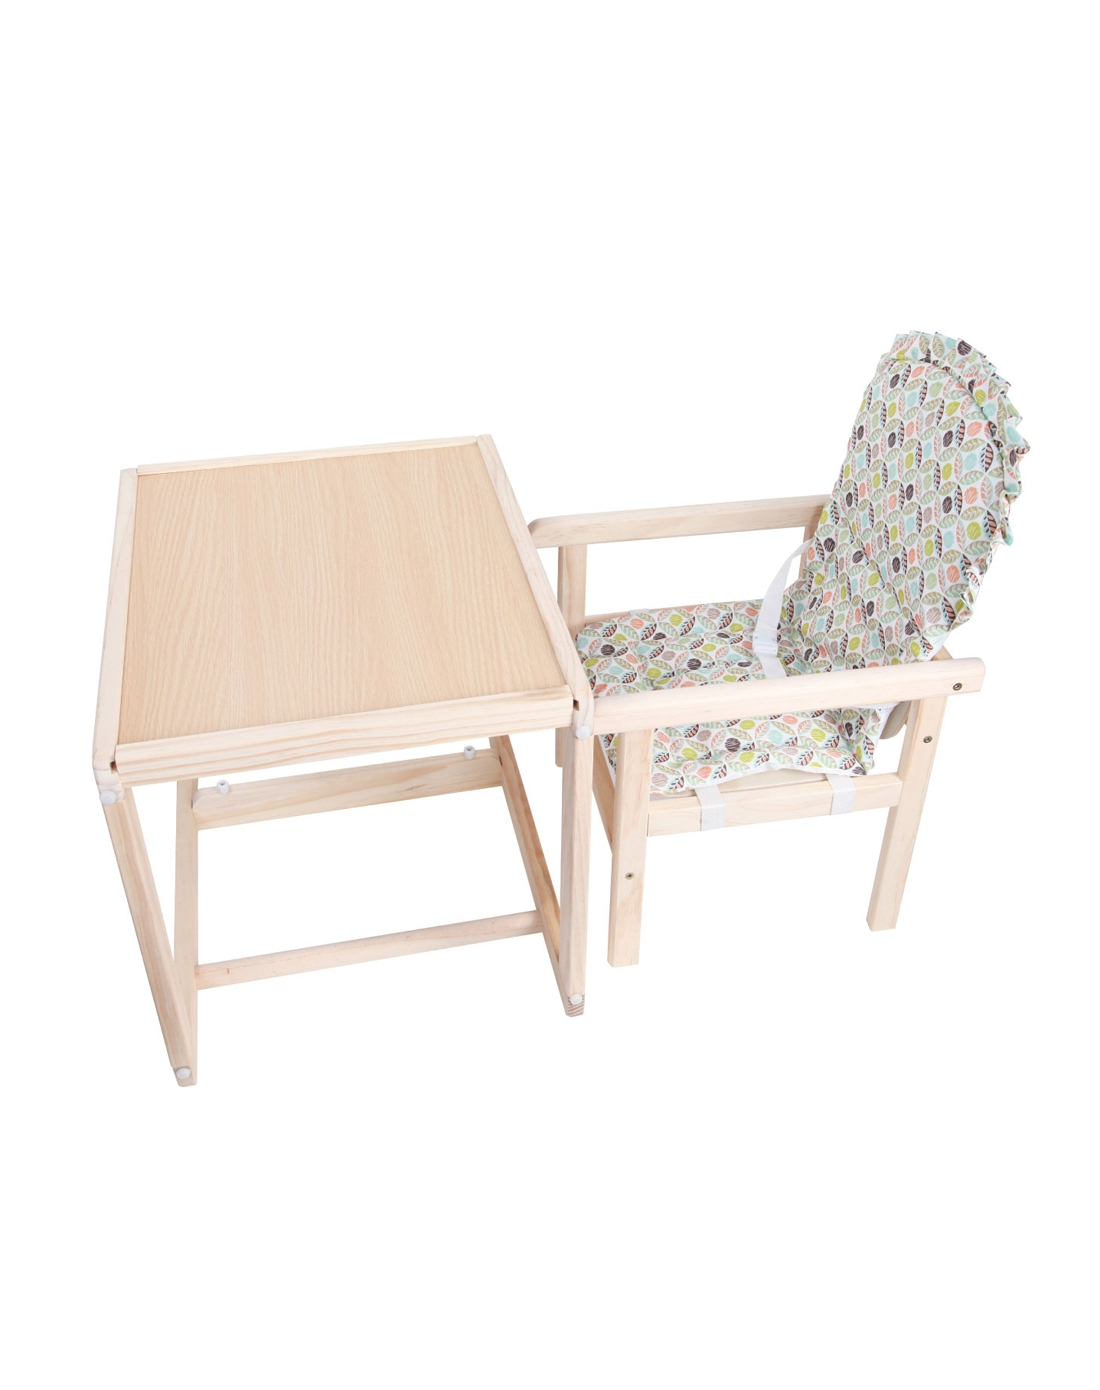 乐奇宝贝 儿童进口新西兰松木实木多功能可组合餐椅原木色h15-01(9个